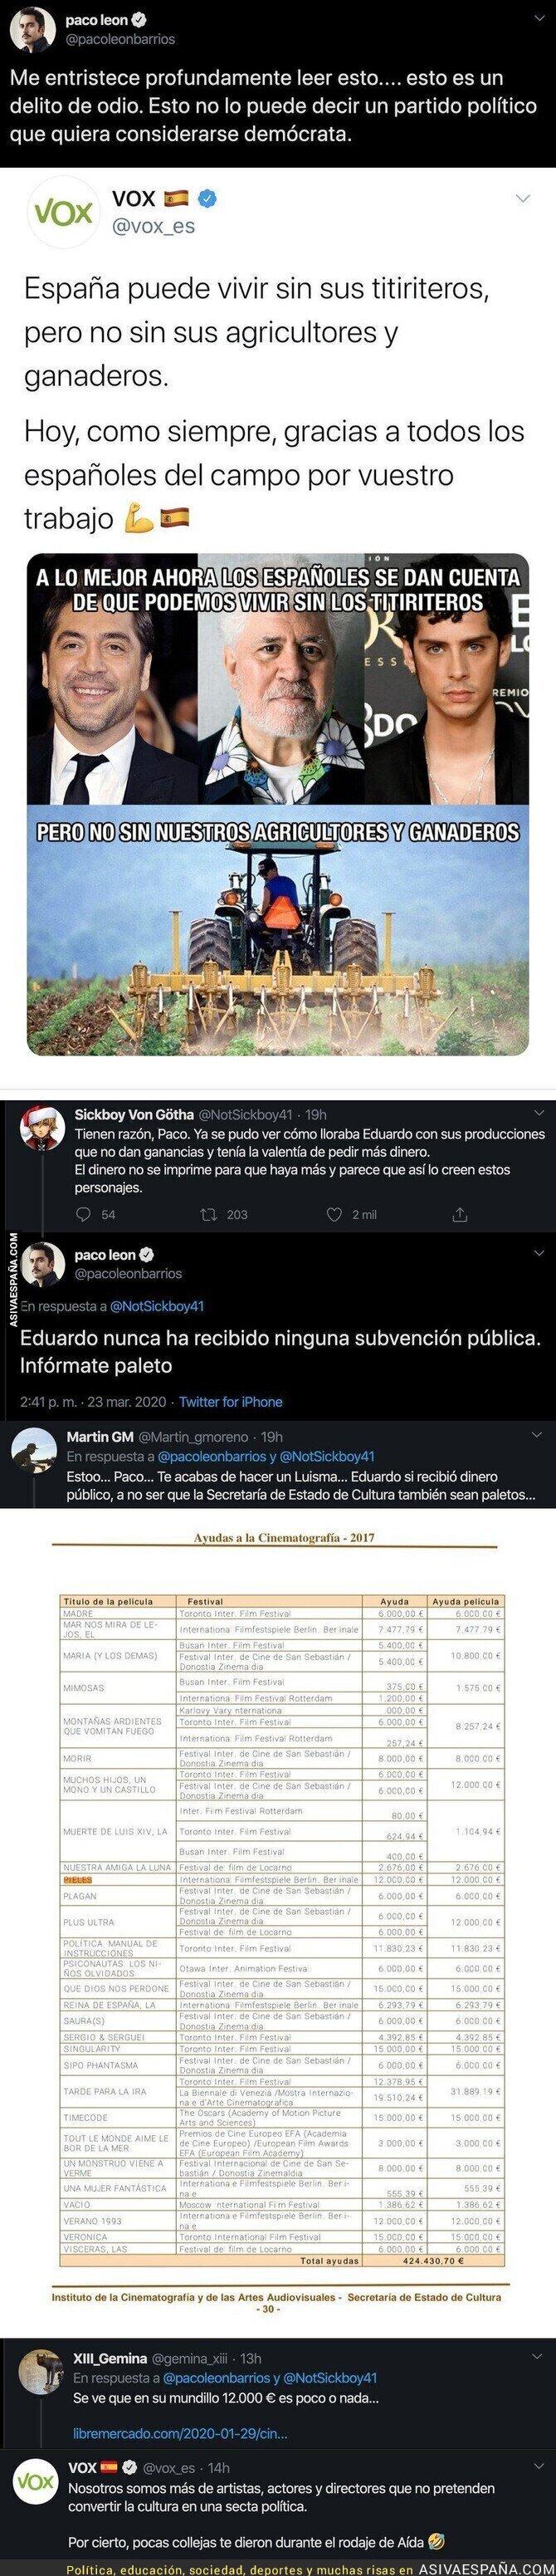 139412 - Paco León se enfada con VOX por este 'meme', se mete en una pelea y varias personas dejan al actor por los suelos